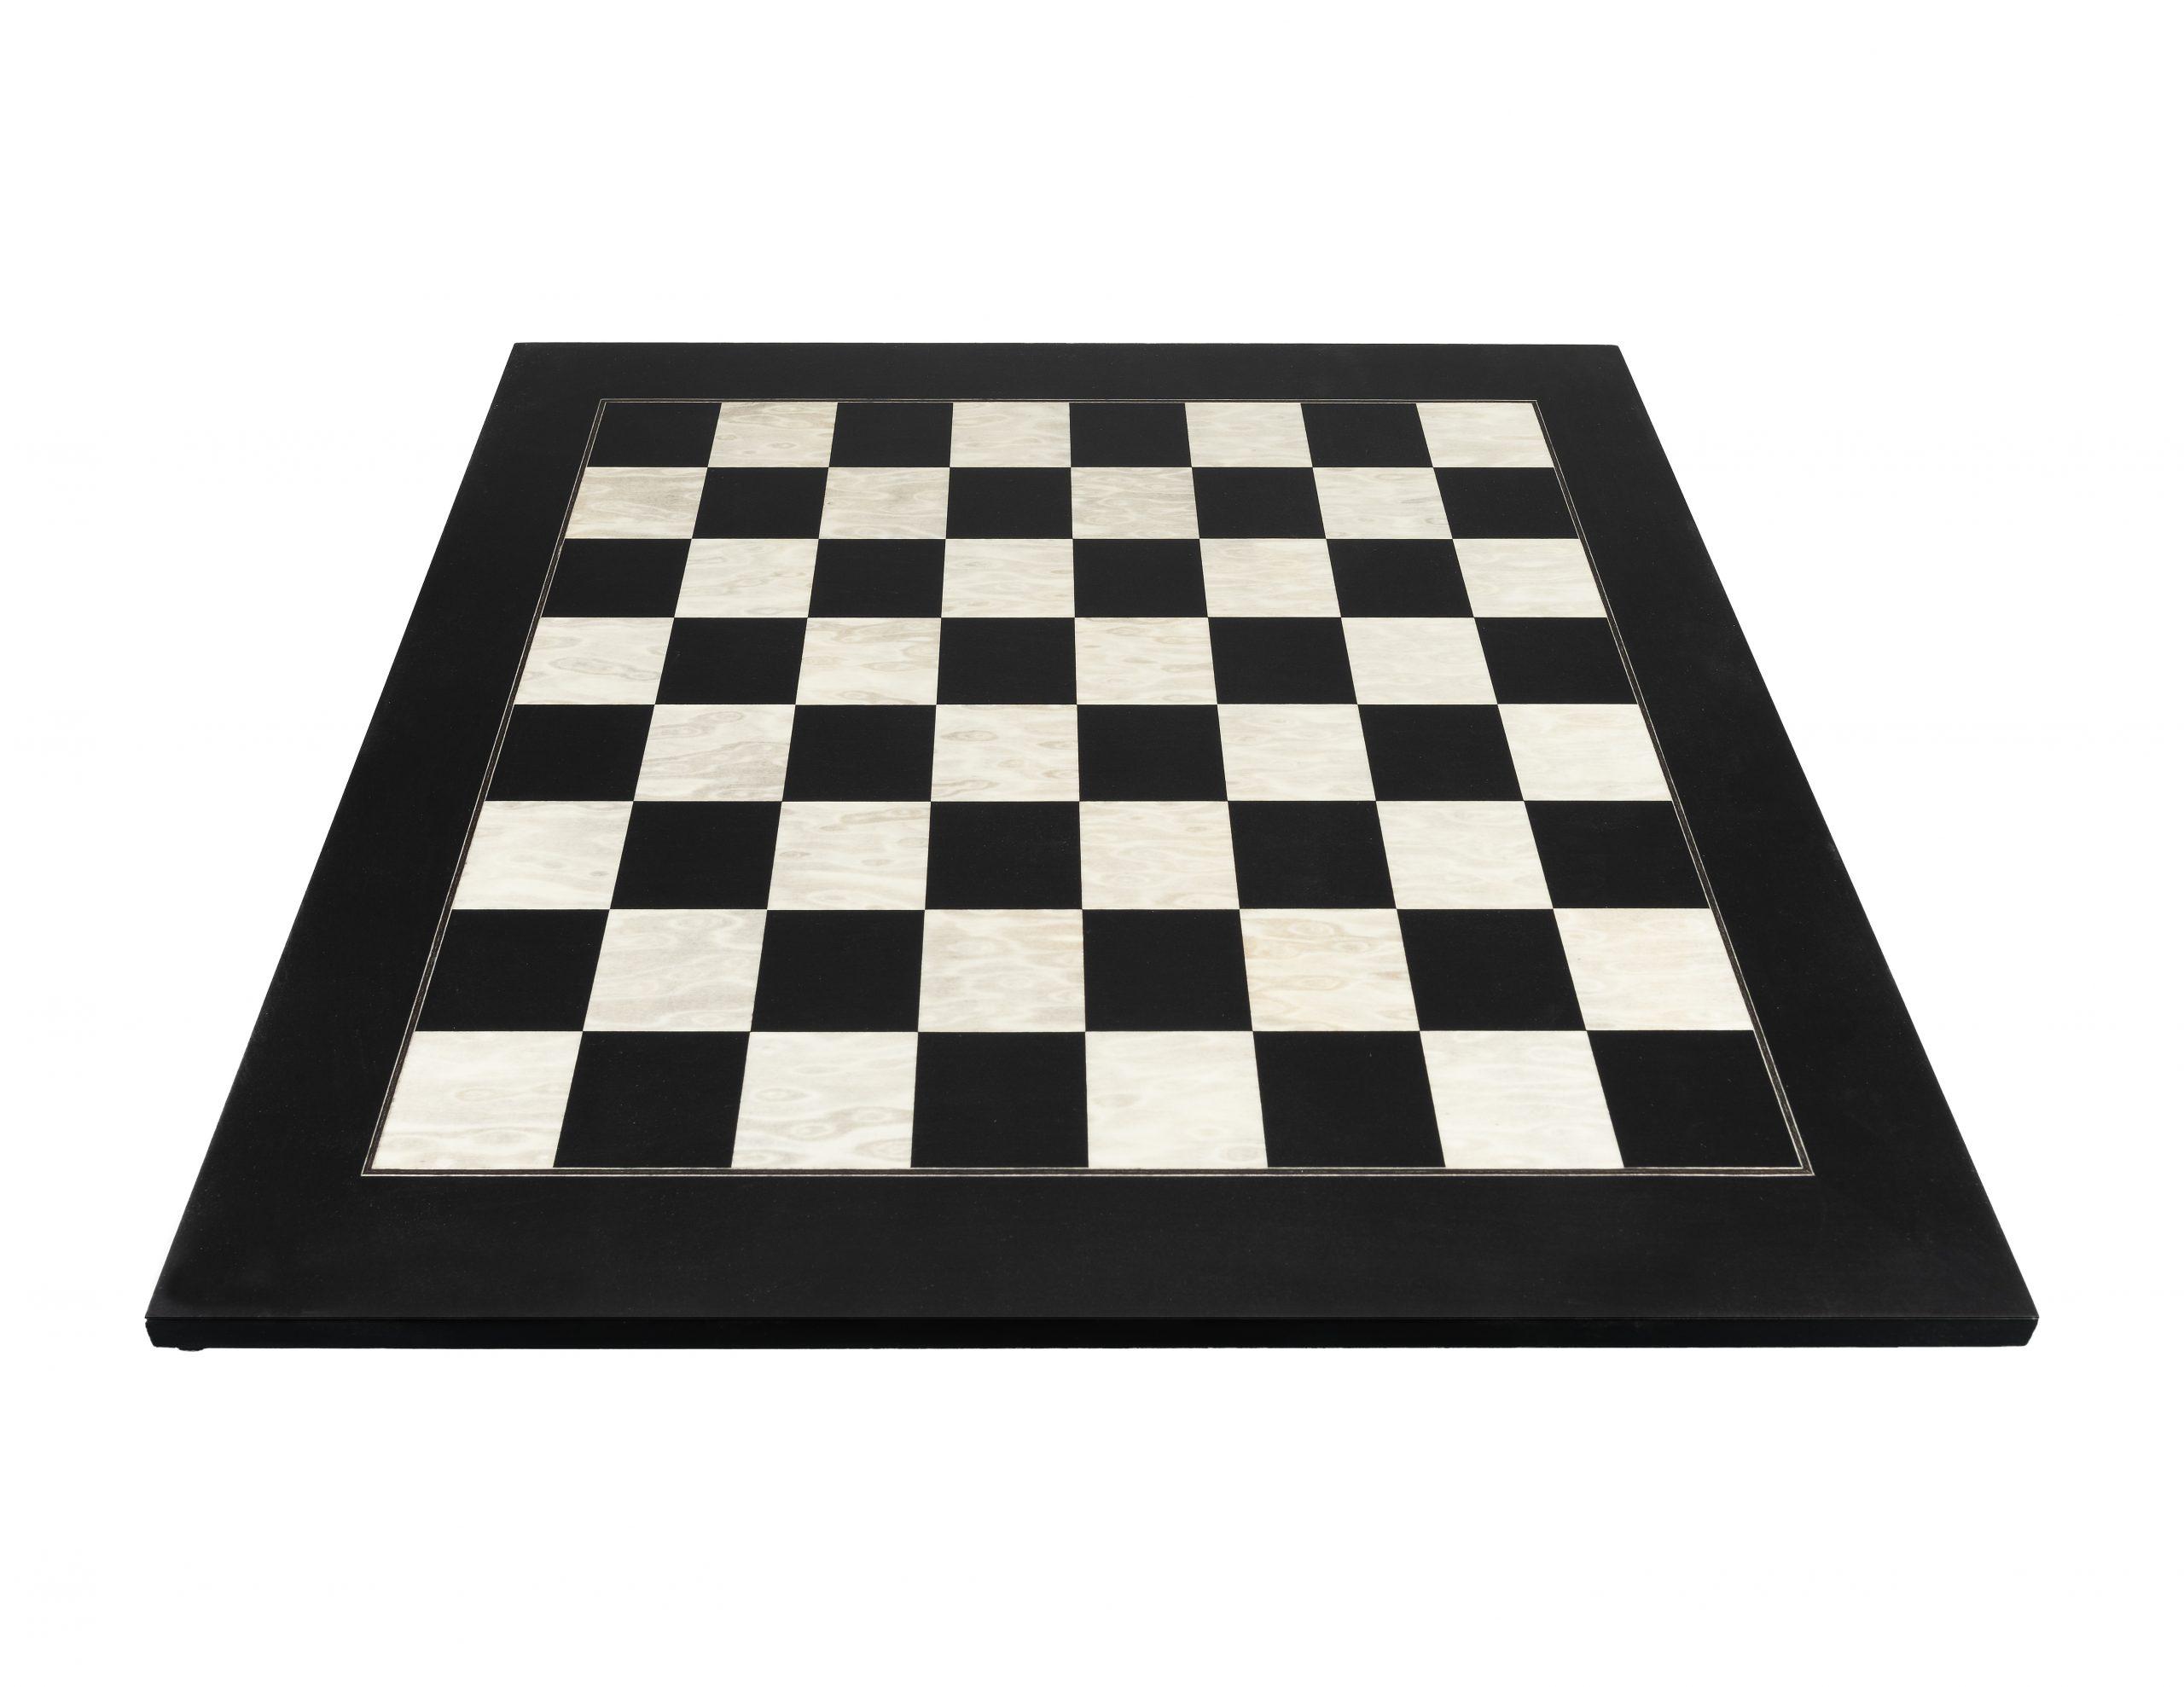 Marseille Chess Board